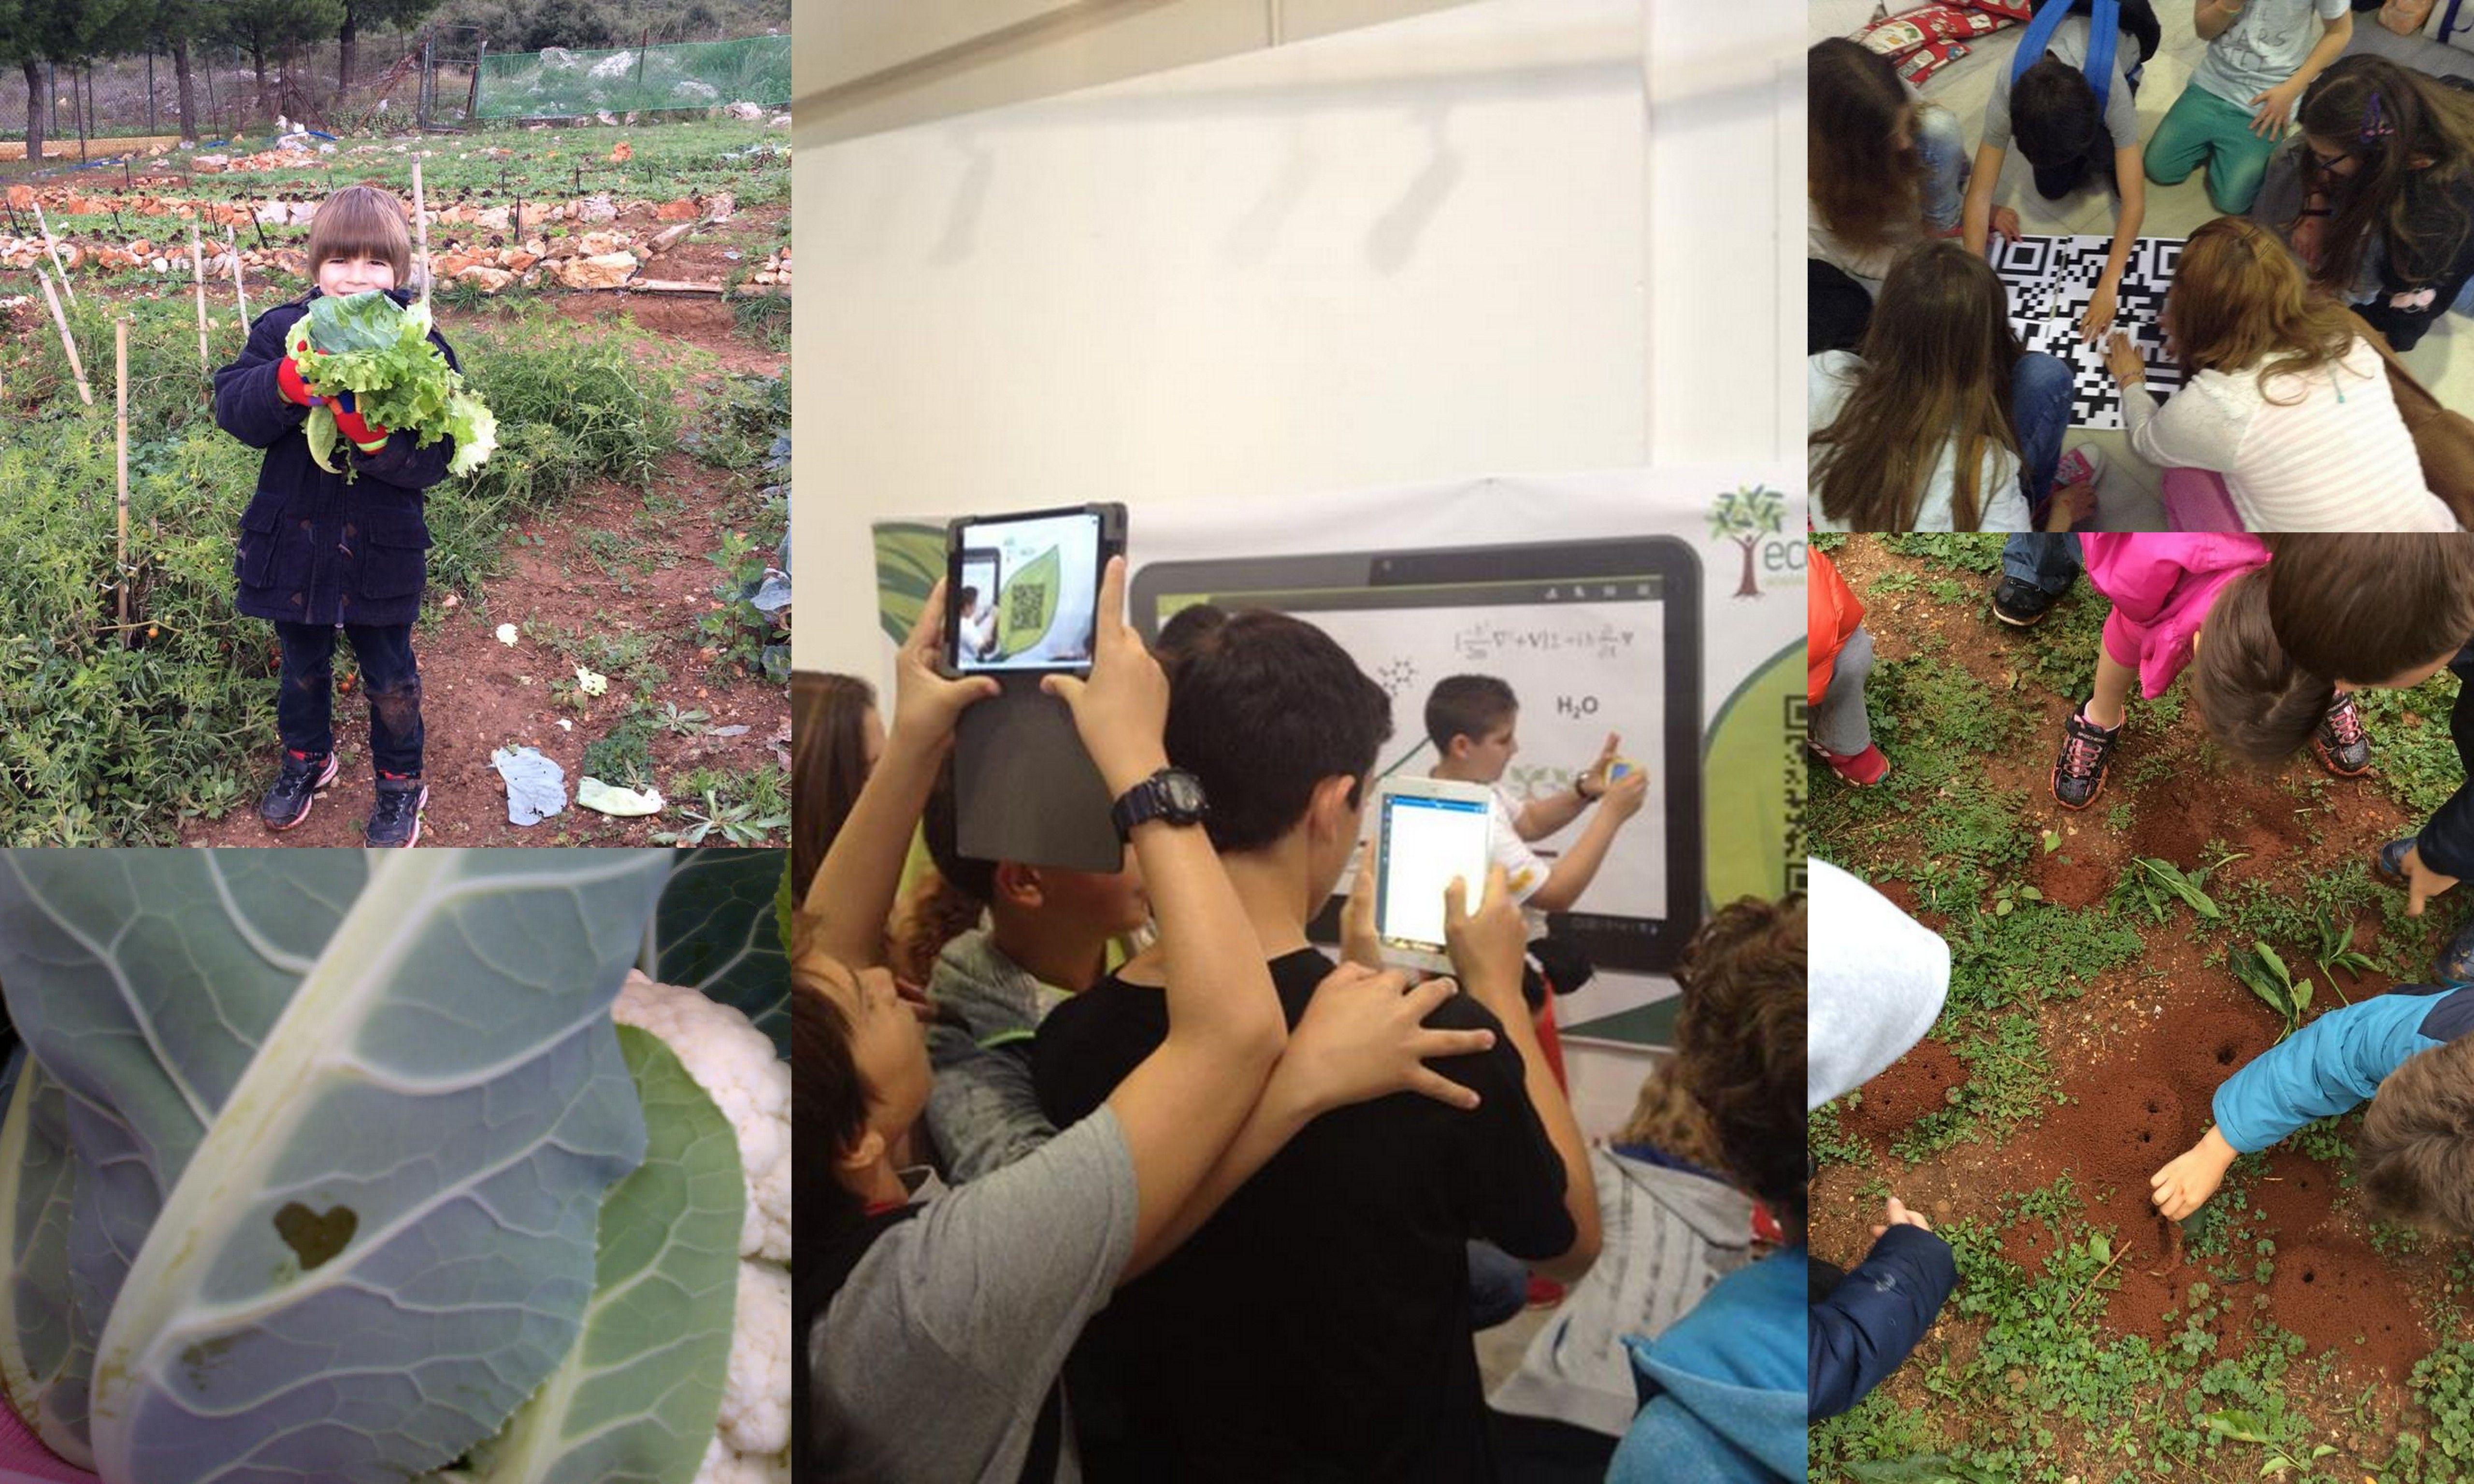 Παίζουμε και μαθαίνουμε: φυσικά και ψηφιακά!